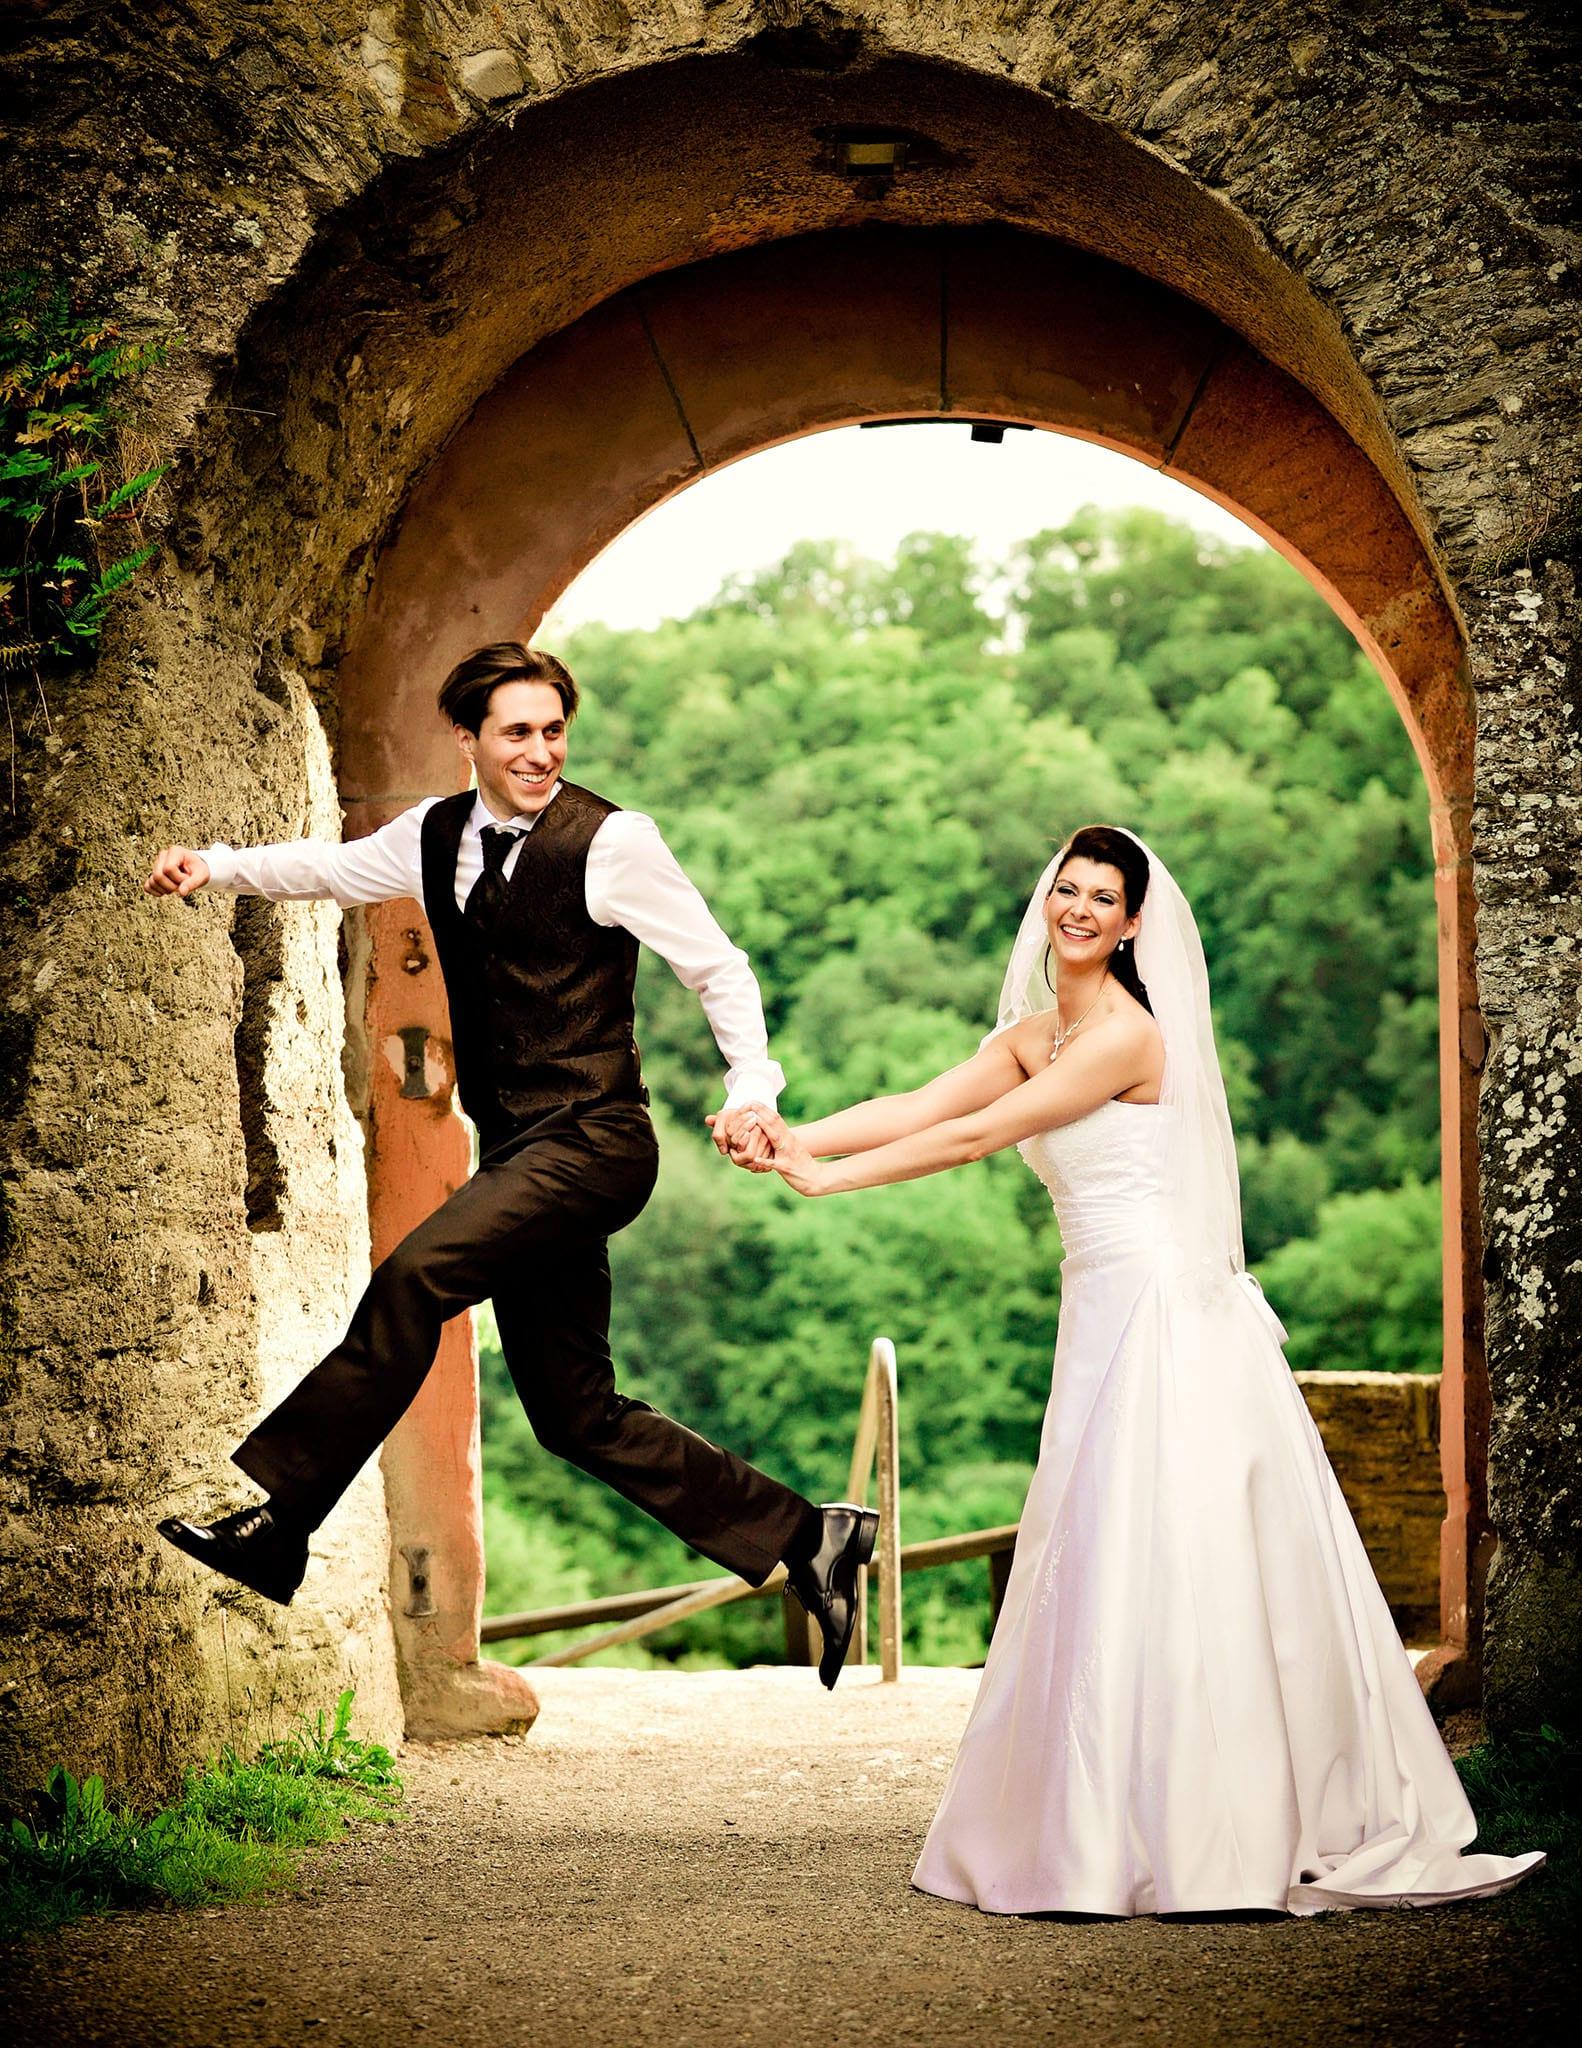 Hochzeit 042 Brautpaar Braut Bräutigam Hochzeit heiraten Burg Paarshooting Hochzeitsfoto Hochzeitsfotografie Daniel Fuss Fotografie